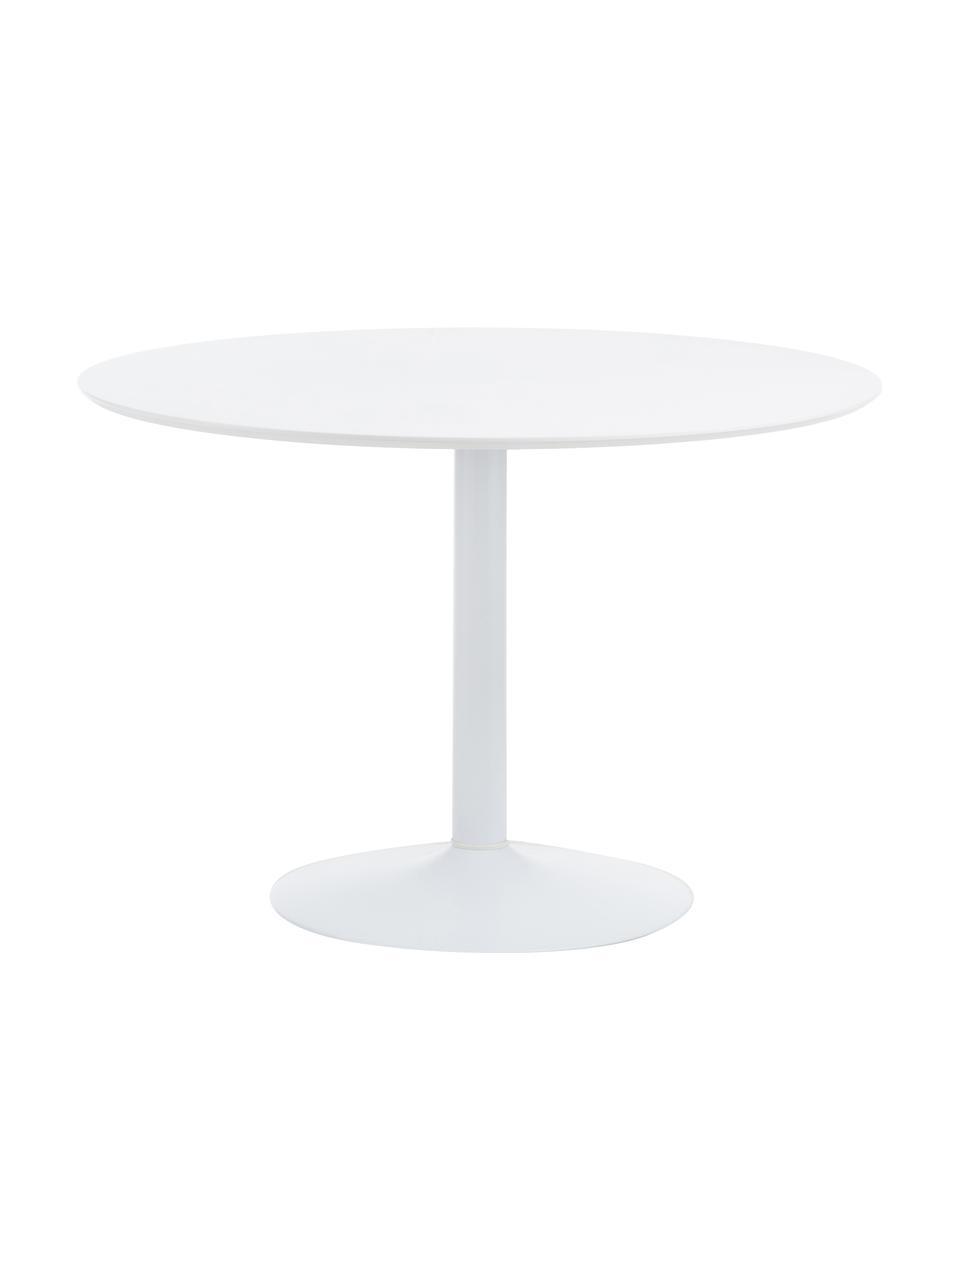 Tavolo rotondo bianco Mallorca, Ø 110 cm, Piano d'appoggio: pannello di fibra a media, Bianco, Ø 110 x Alt. 74 cm